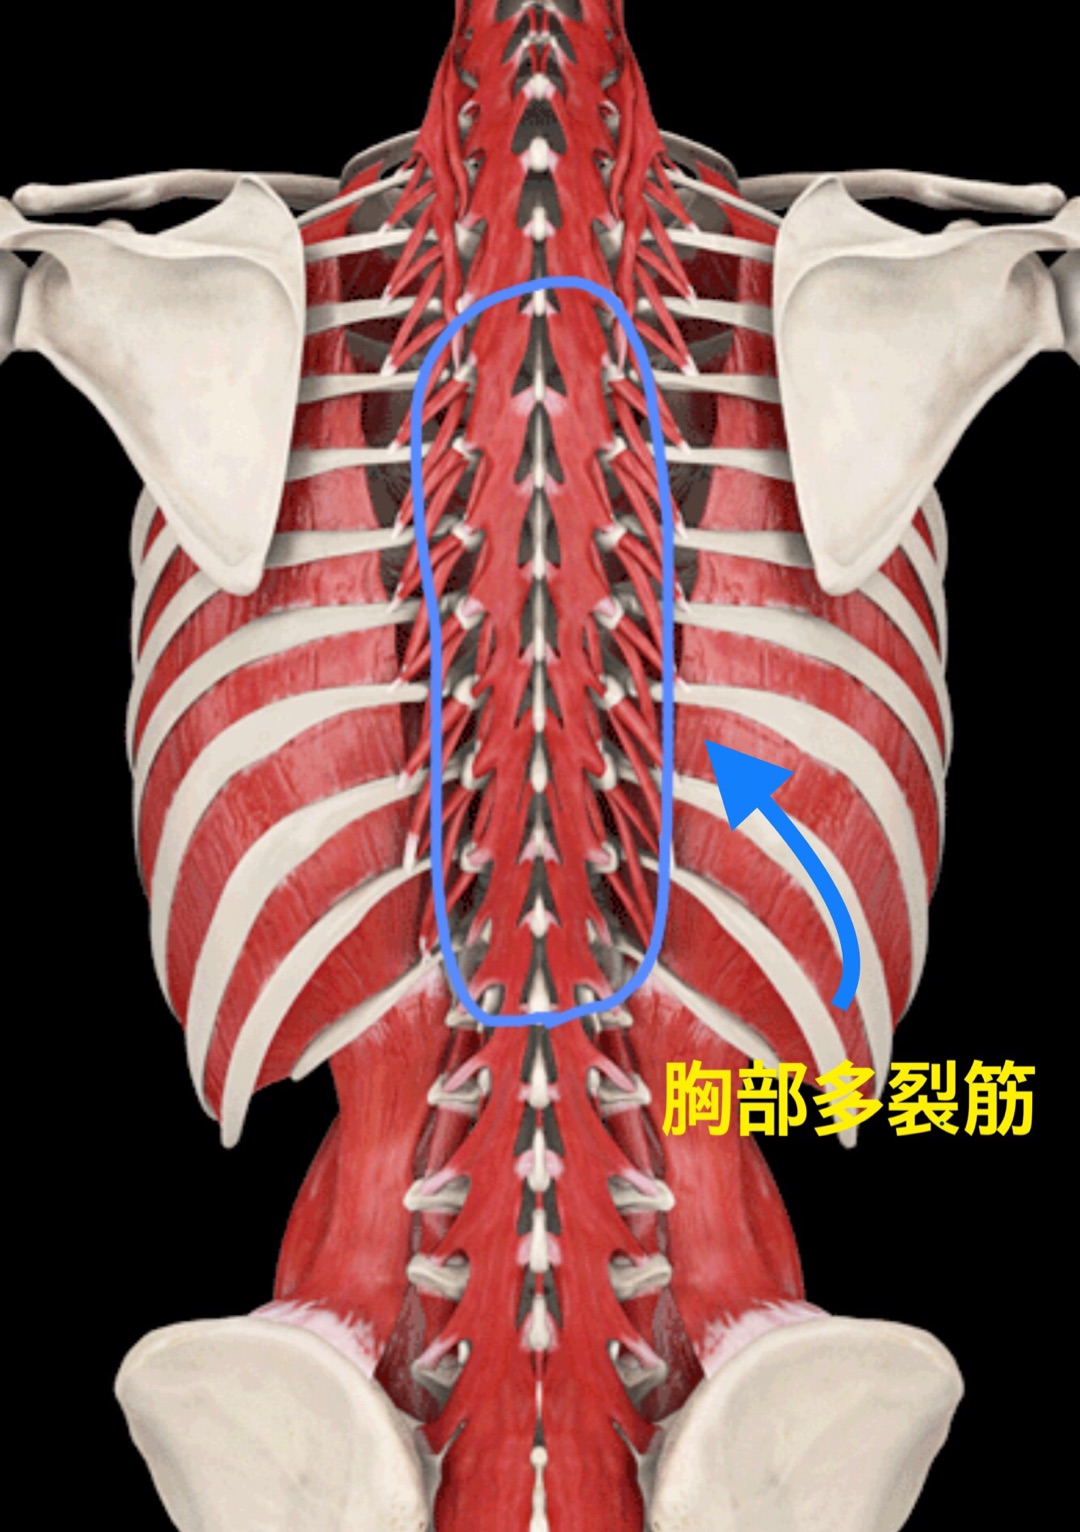 胃 が キリキリ 下痢 胃痛と下痢が同時に起こる場合 下痢の改善相談室